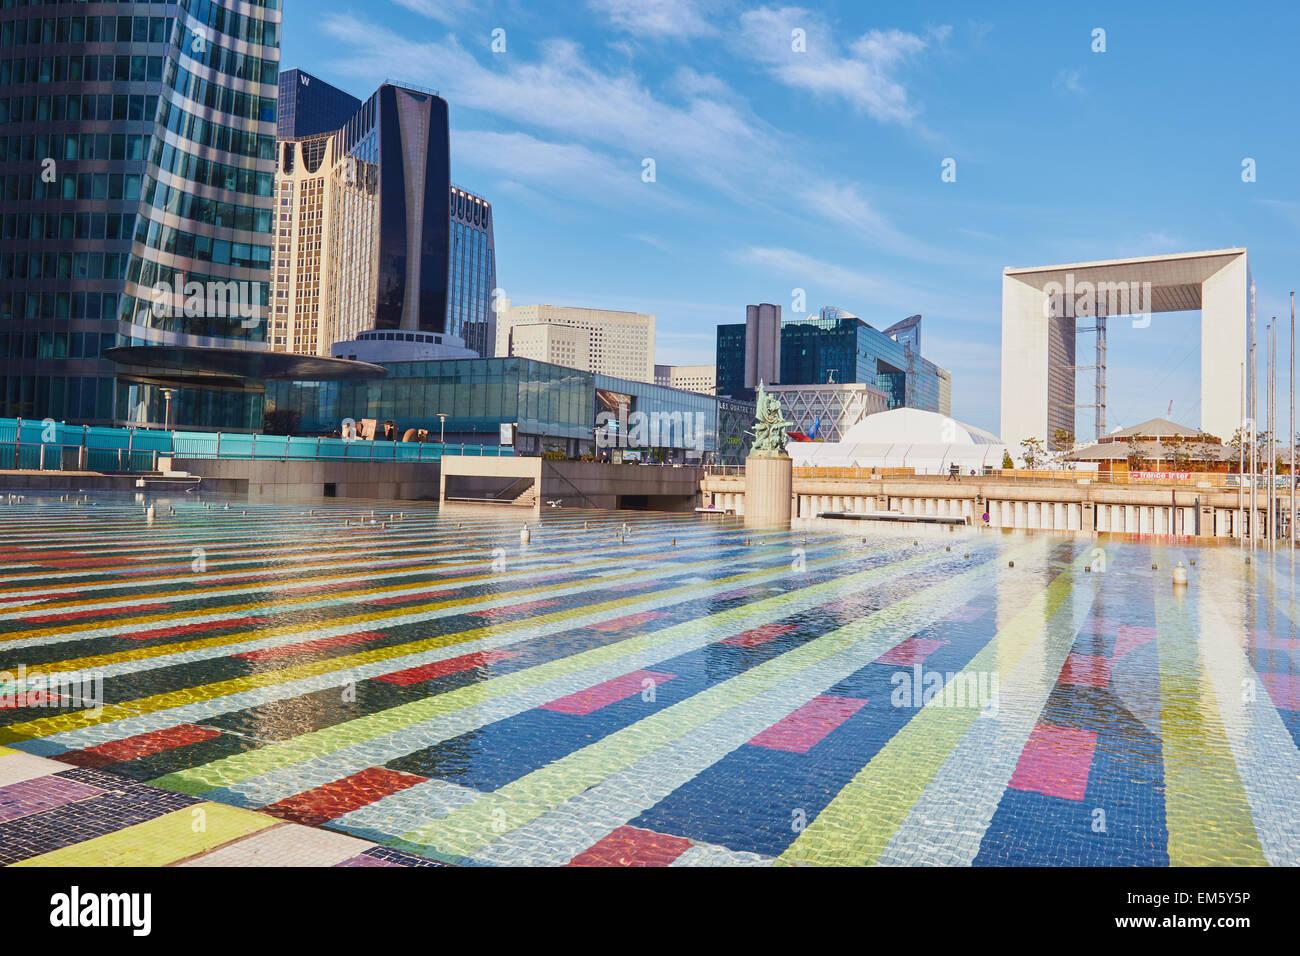 Geschäftsviertel La Défense mit der Grande Arche im Zentrum Paris Frankreich Europa Stockbild